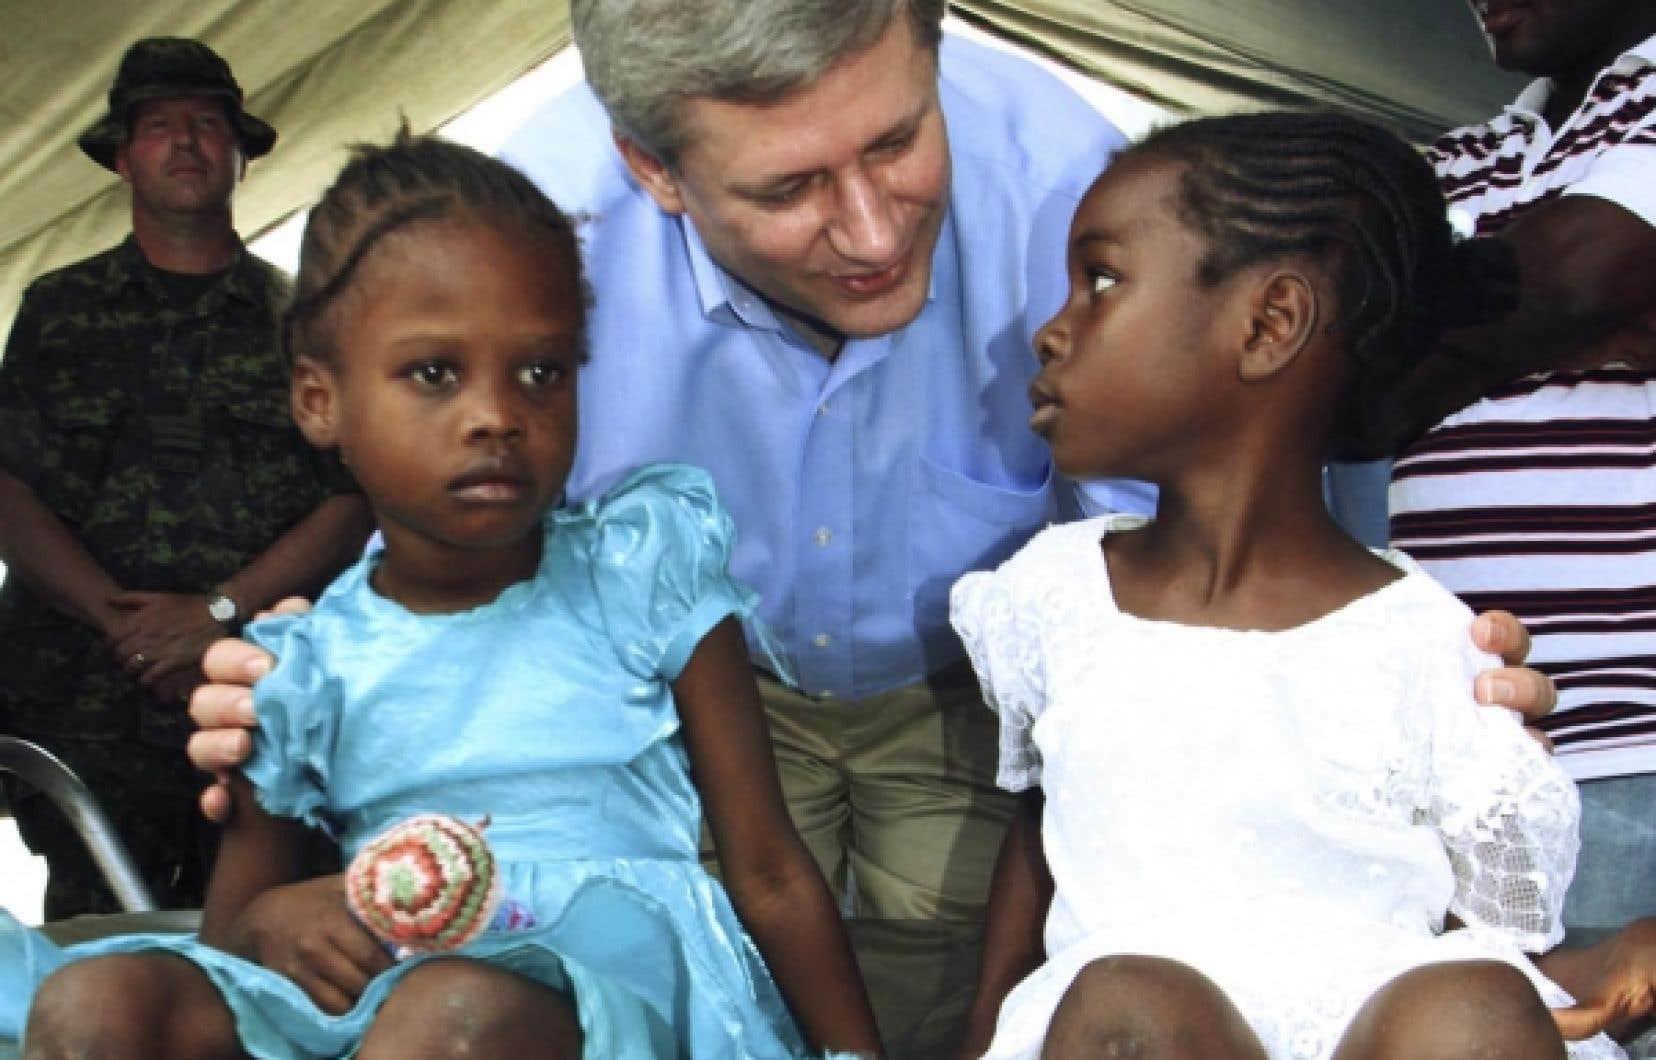 De passage à Jacmel, hier, le premier ministre Harper a fait le tour de la clinique militaire, où de nombreux blessés du tremblement de terre ont été soignés.